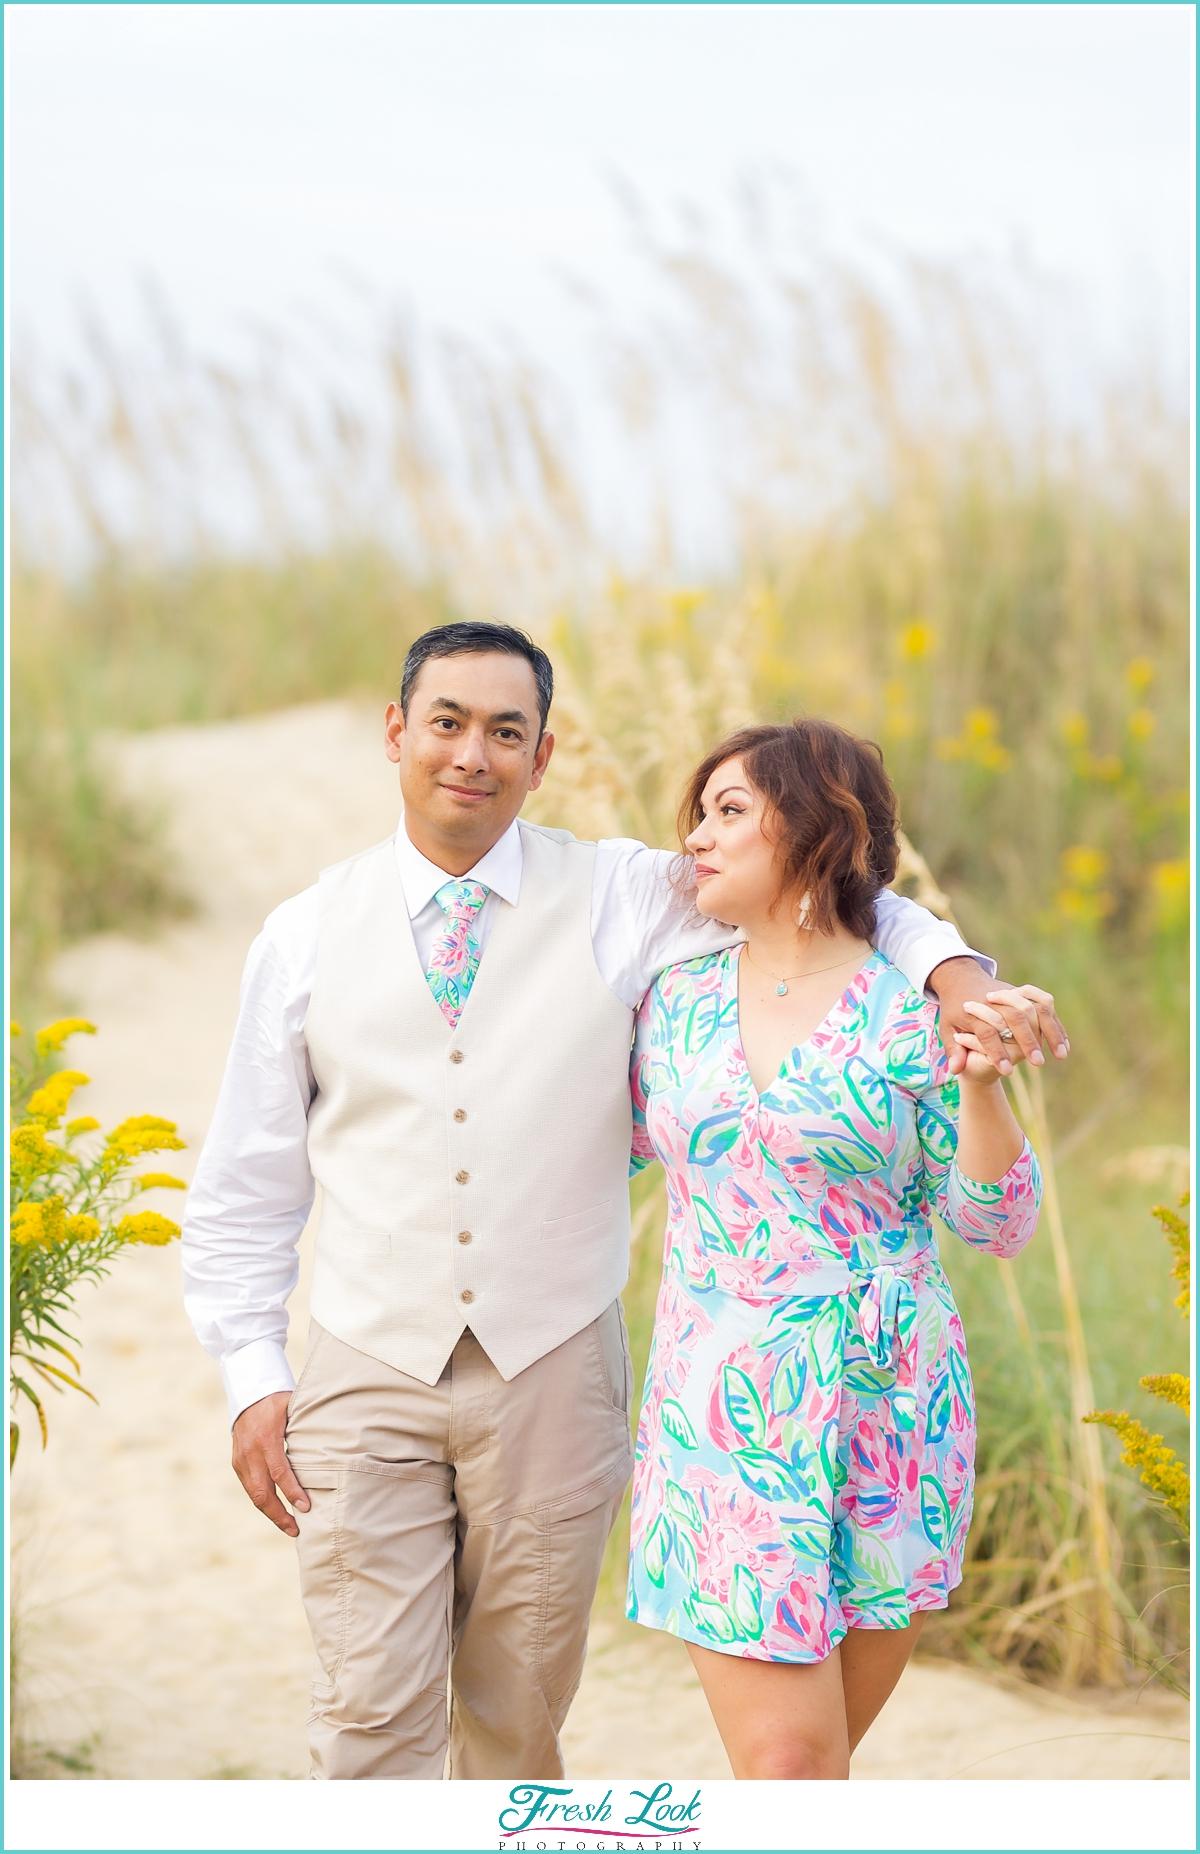 Virginia Beach engagement photoshoot